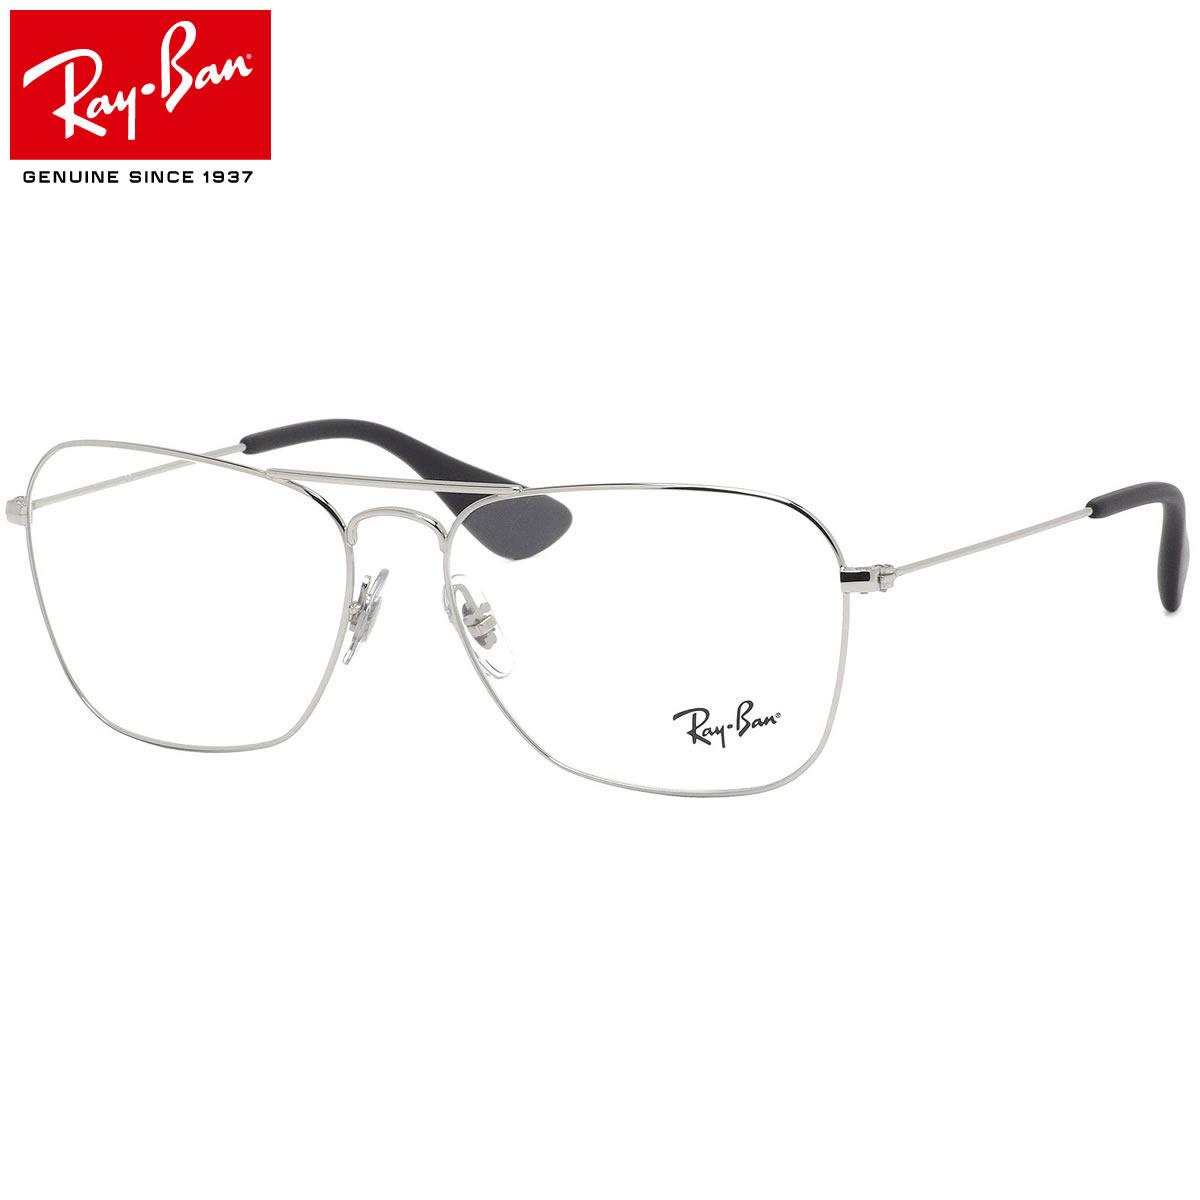 Ray-Ban レイバン メガネ RX3610V 2501 58サイズ ツーブリッジ ダブルブリッジ CARAVAN キャラバン レクタングル スクエア 軽い 華奢 おしゃれ 知的 クール かっこいい シルバー メンズ レディース